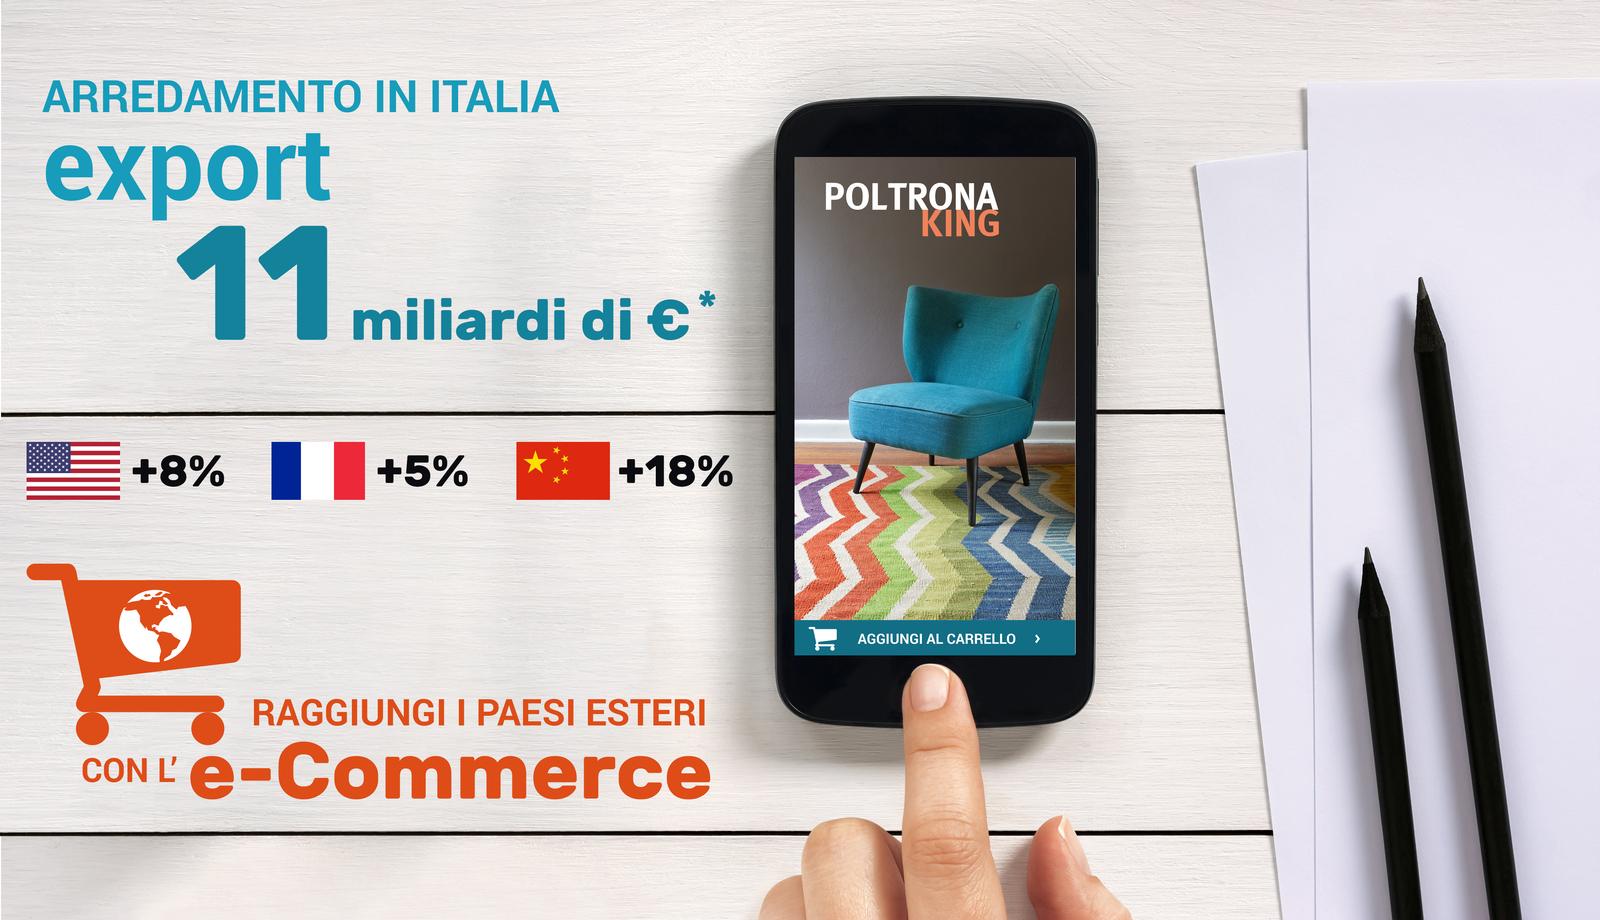 E-commerce arredo: lo strumento giusto per l'internazionalizzazione - MM-One ...